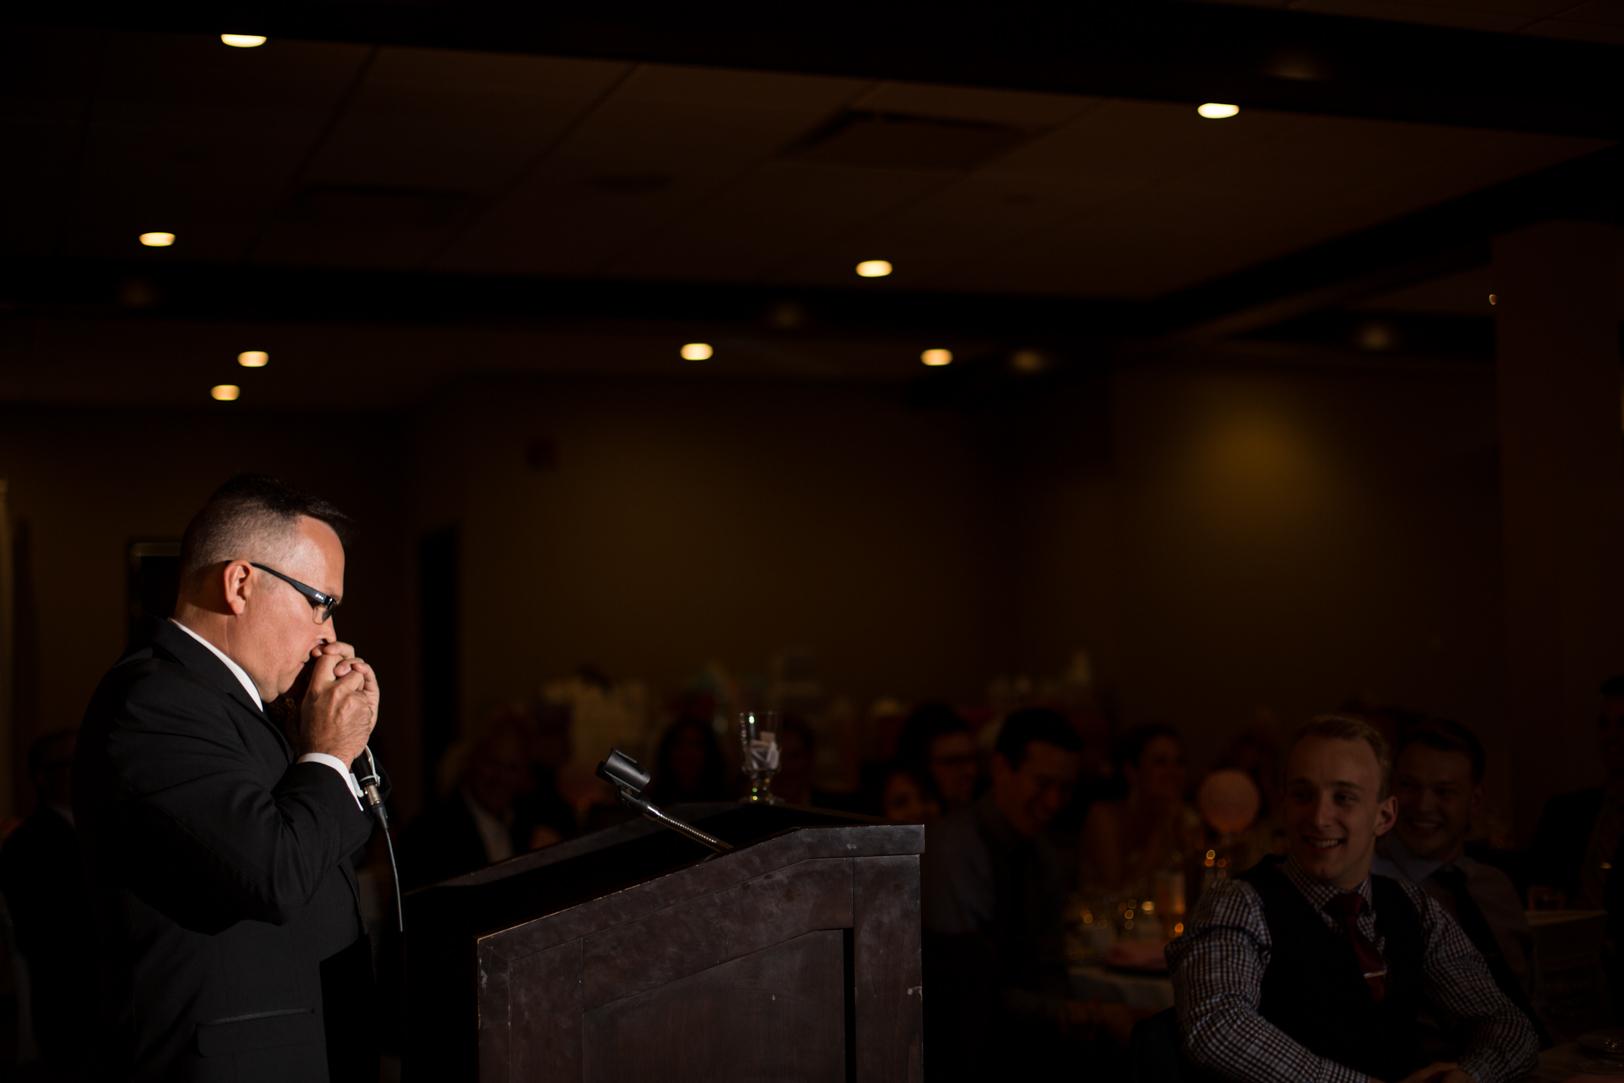 Edmonton Event Photography